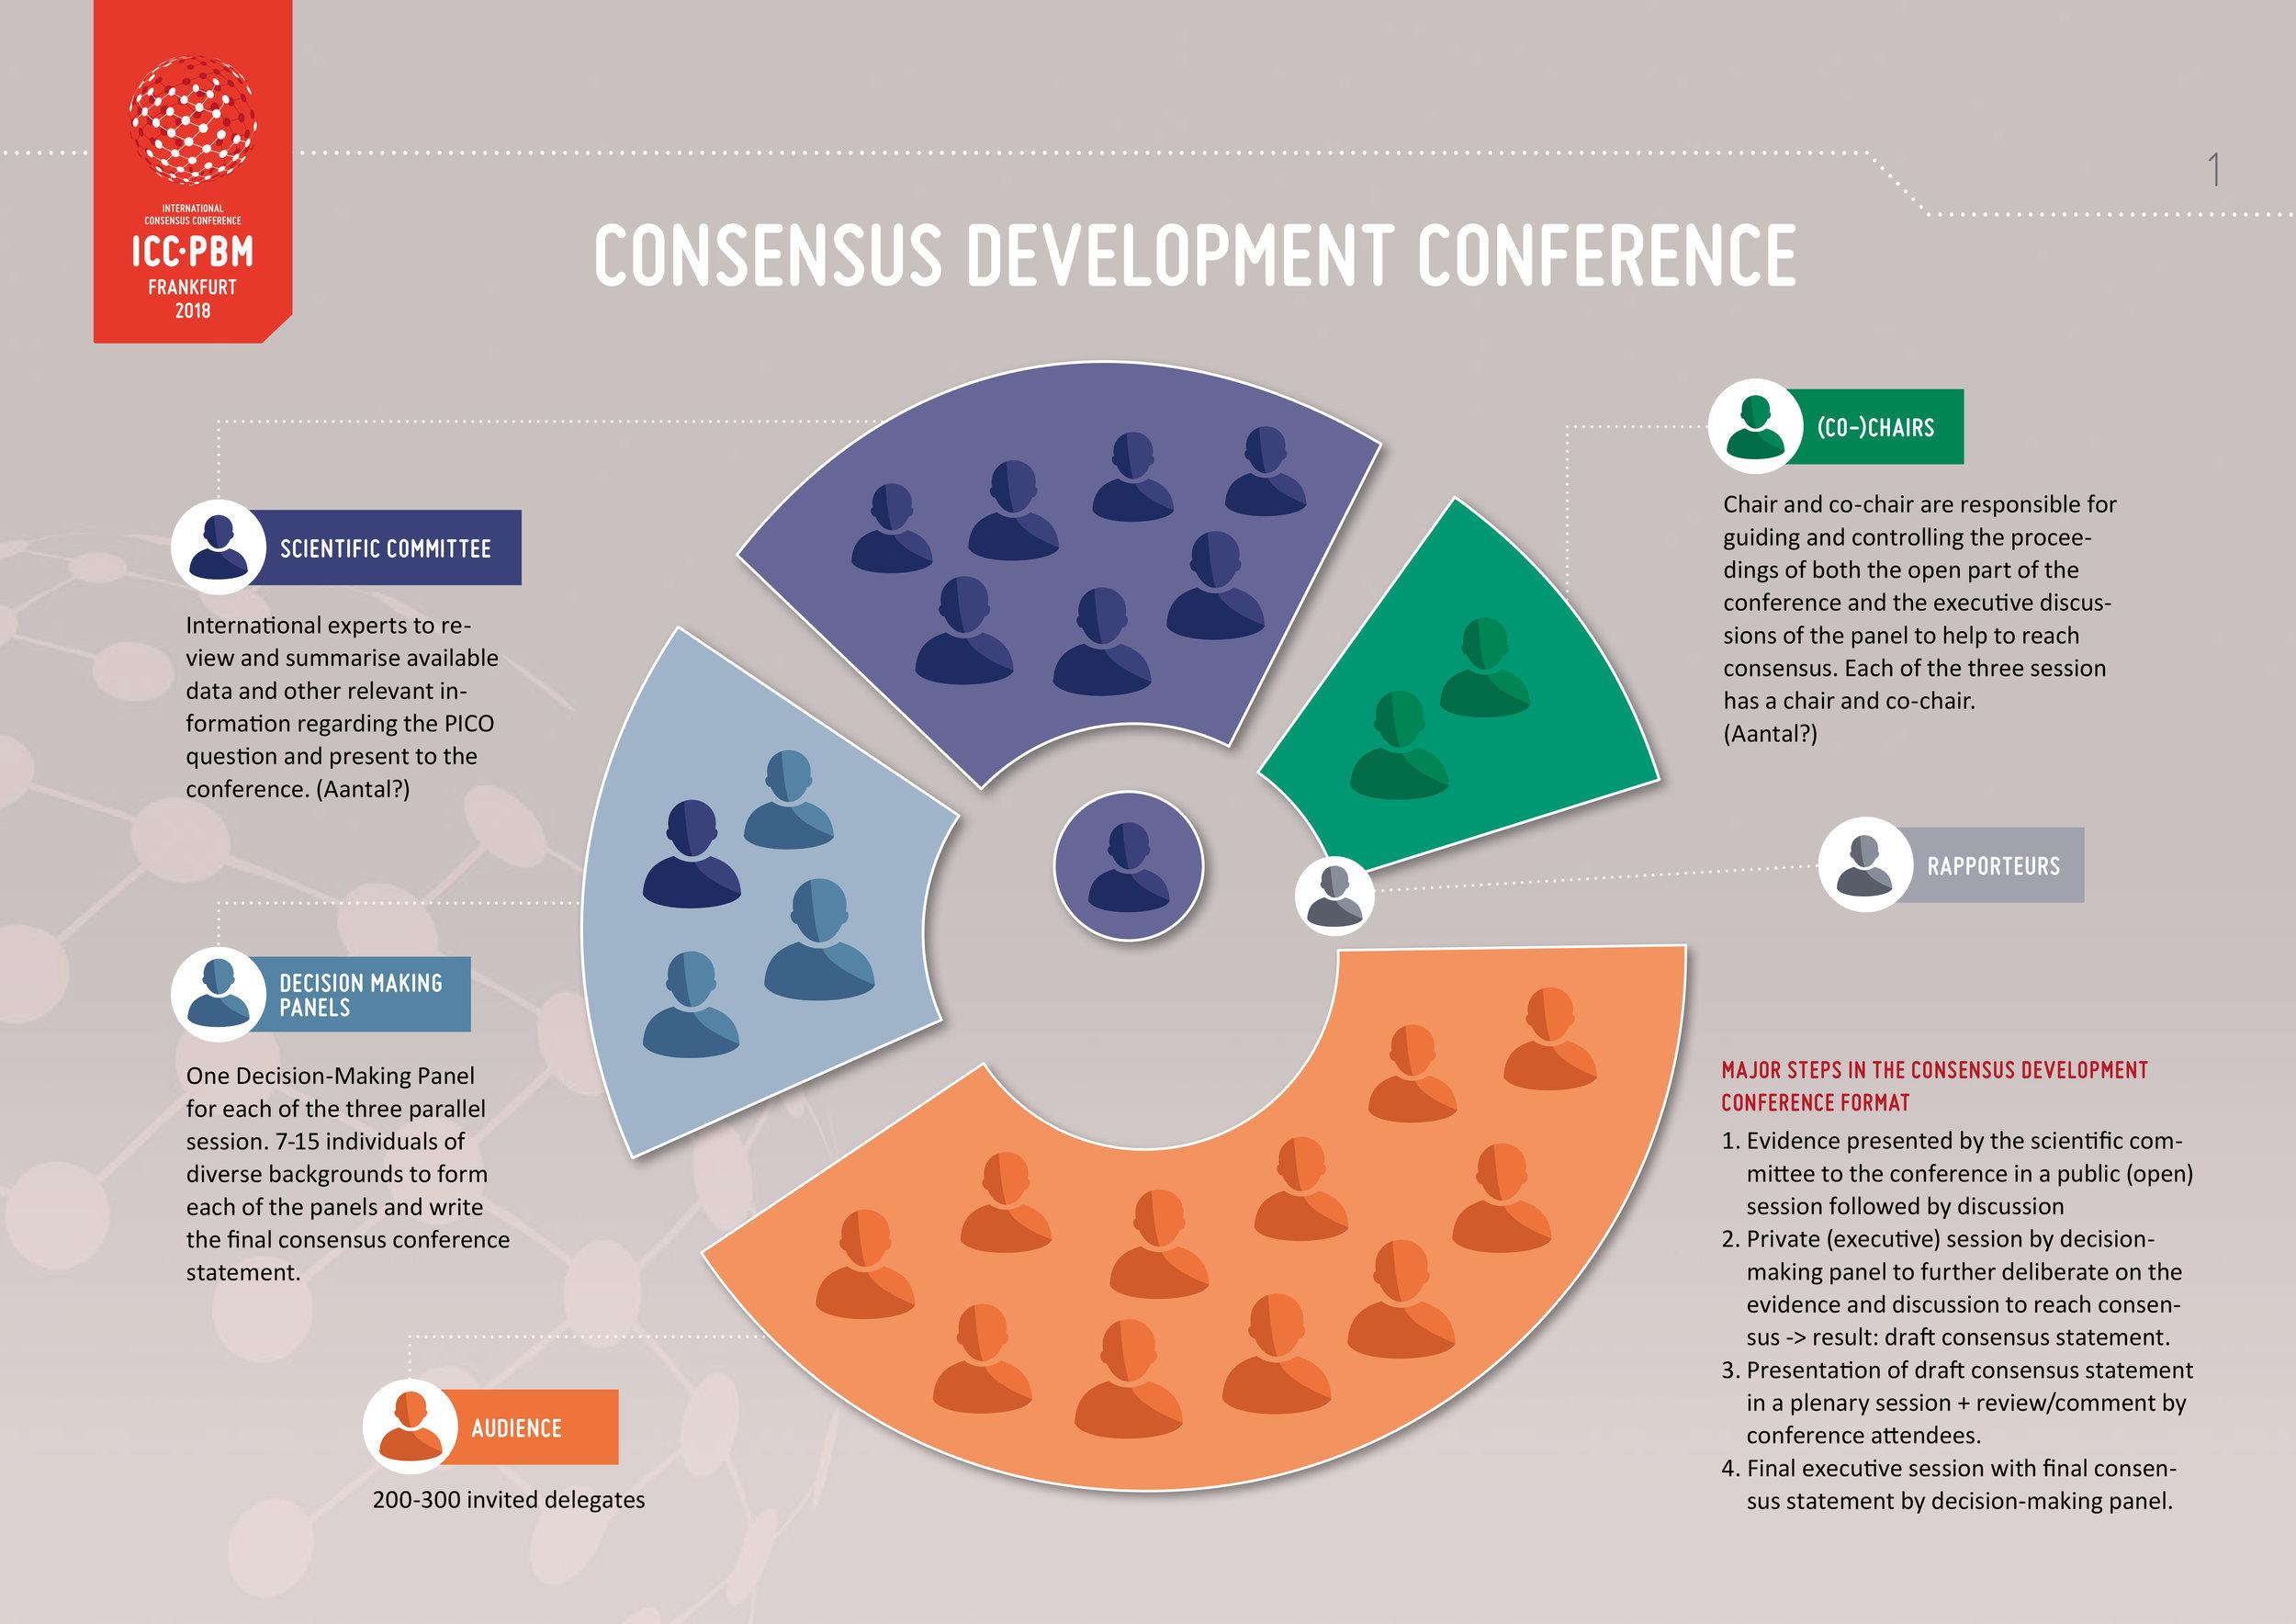 Infographic voor het toelichten van rollen van alle diverse deelnemers, panels en committees tijdens de ICC-PBM conference.